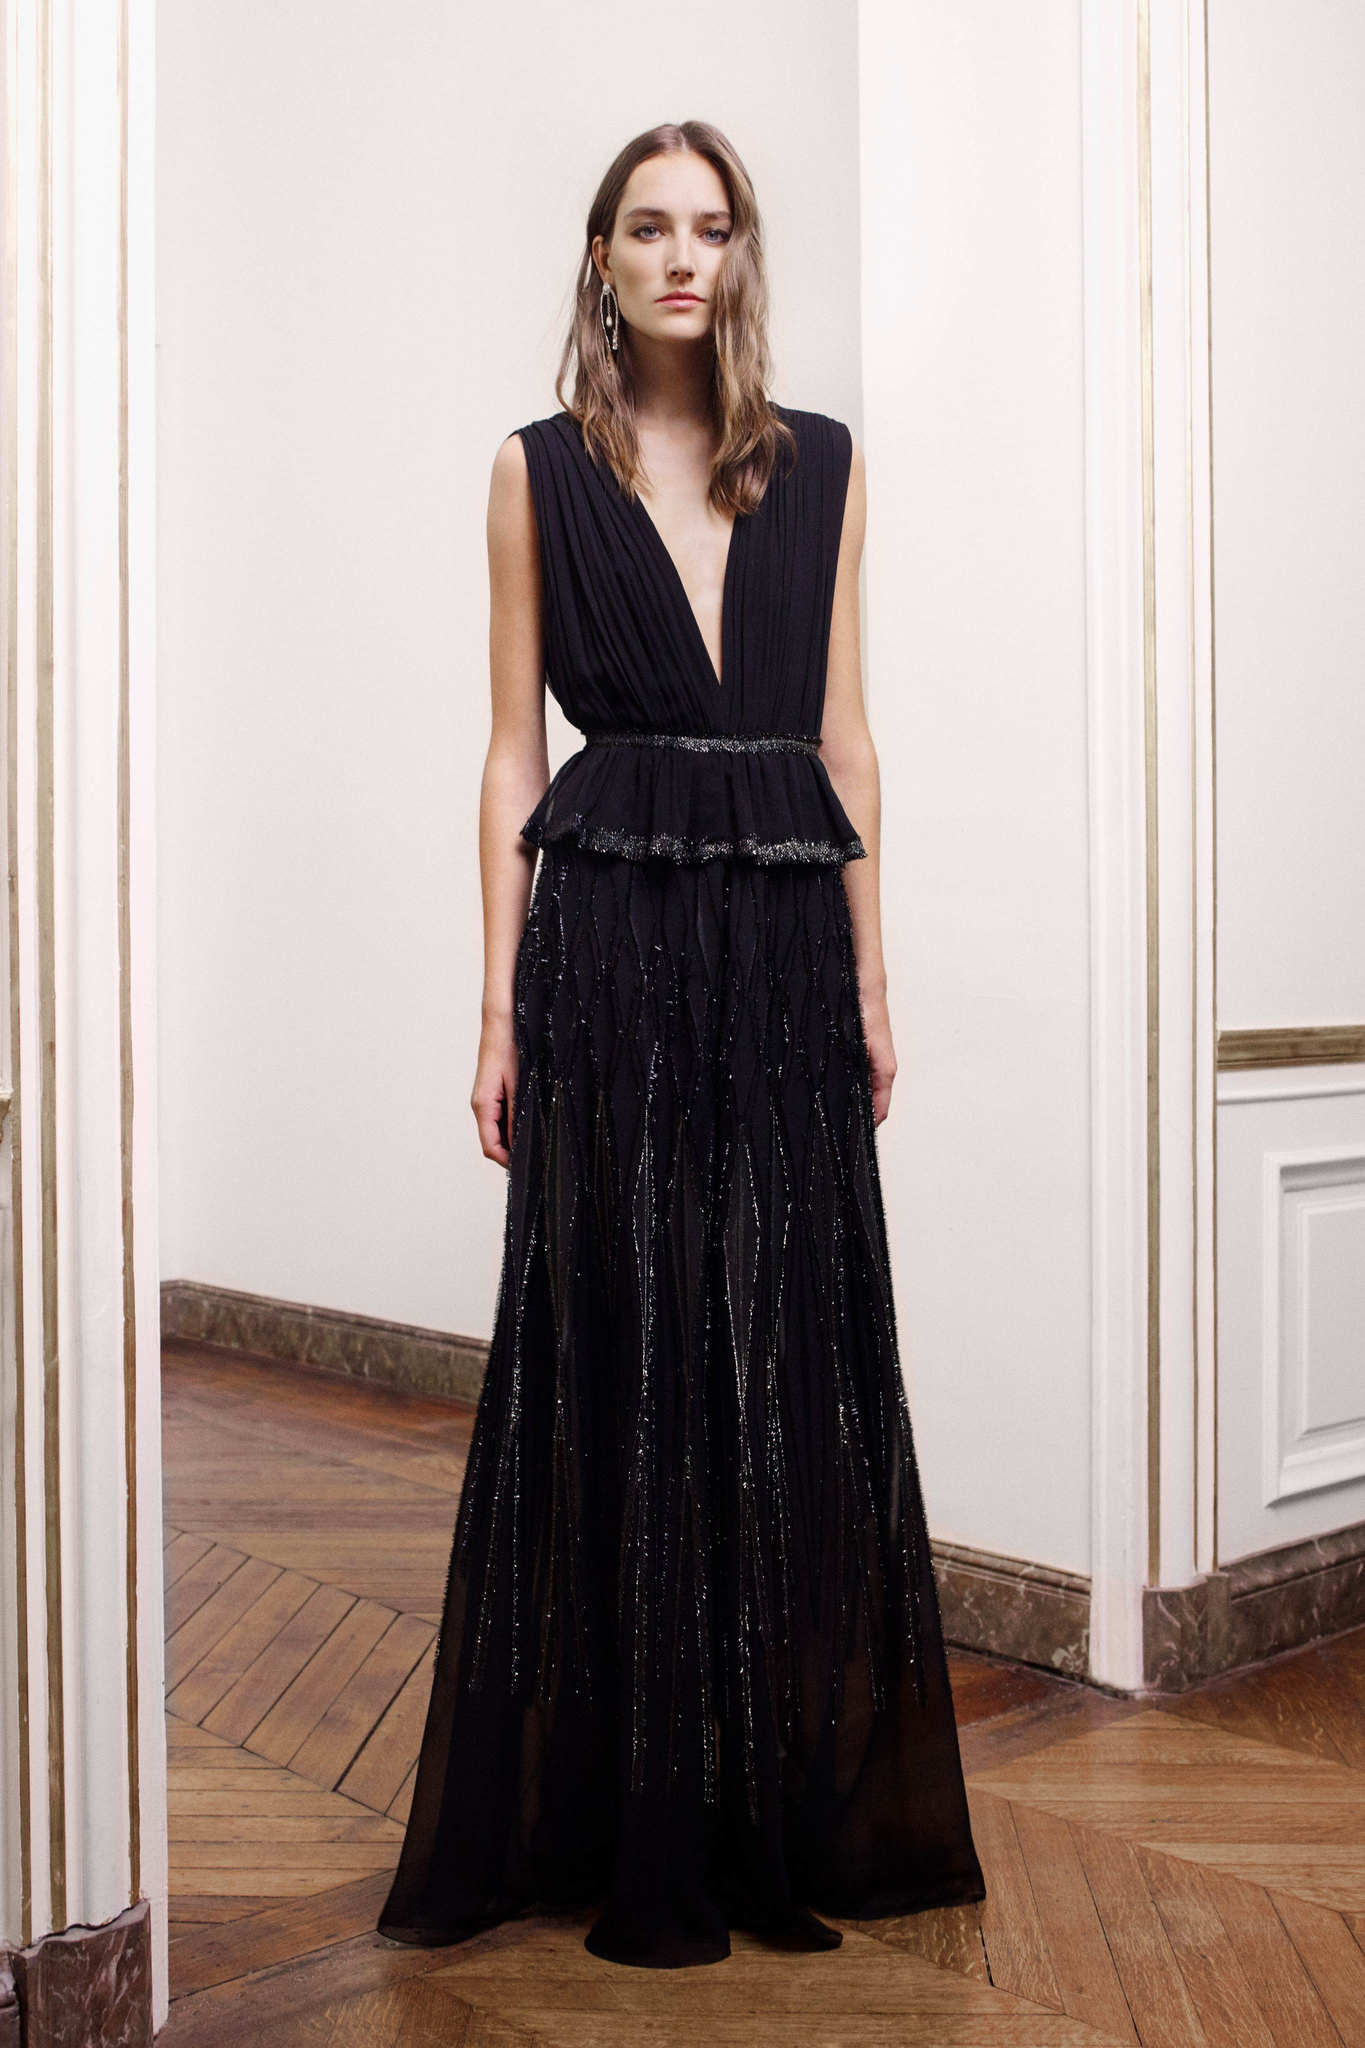 Alberta Ferretti Limited Edition Couture Spring 2019